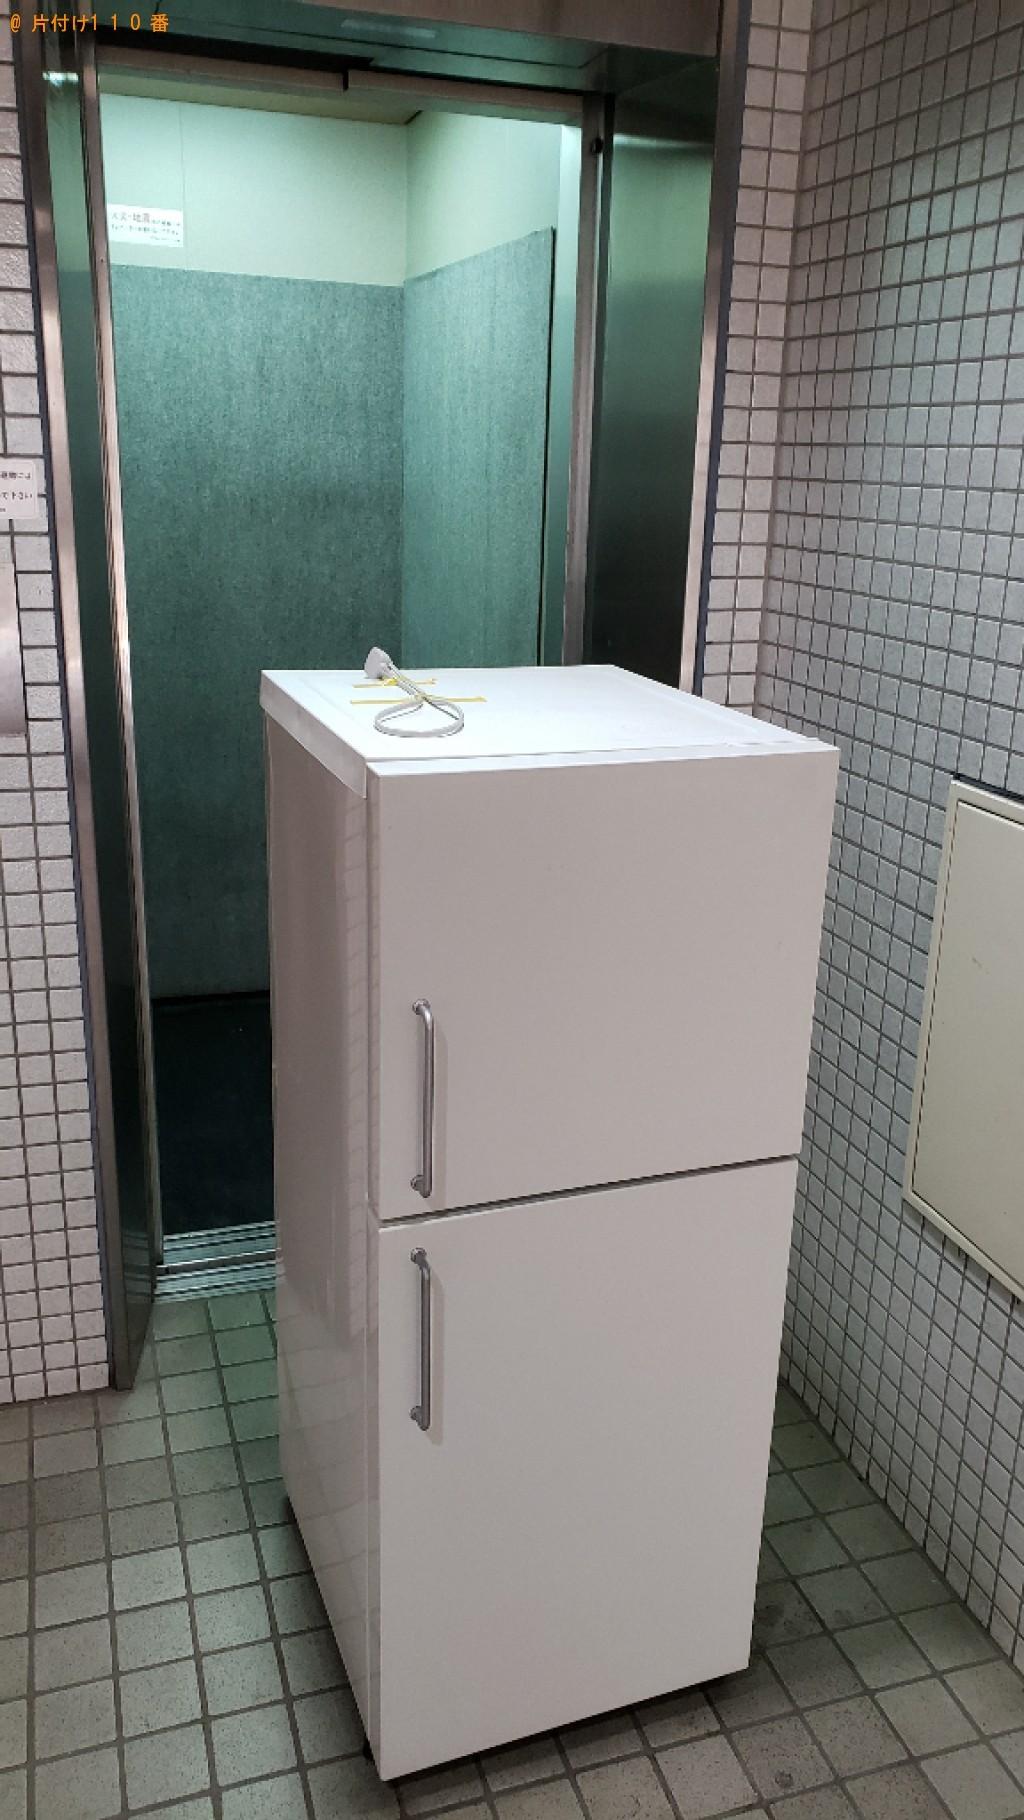 【港区】冷蔵庫の運搬ご依頼 お客様の声